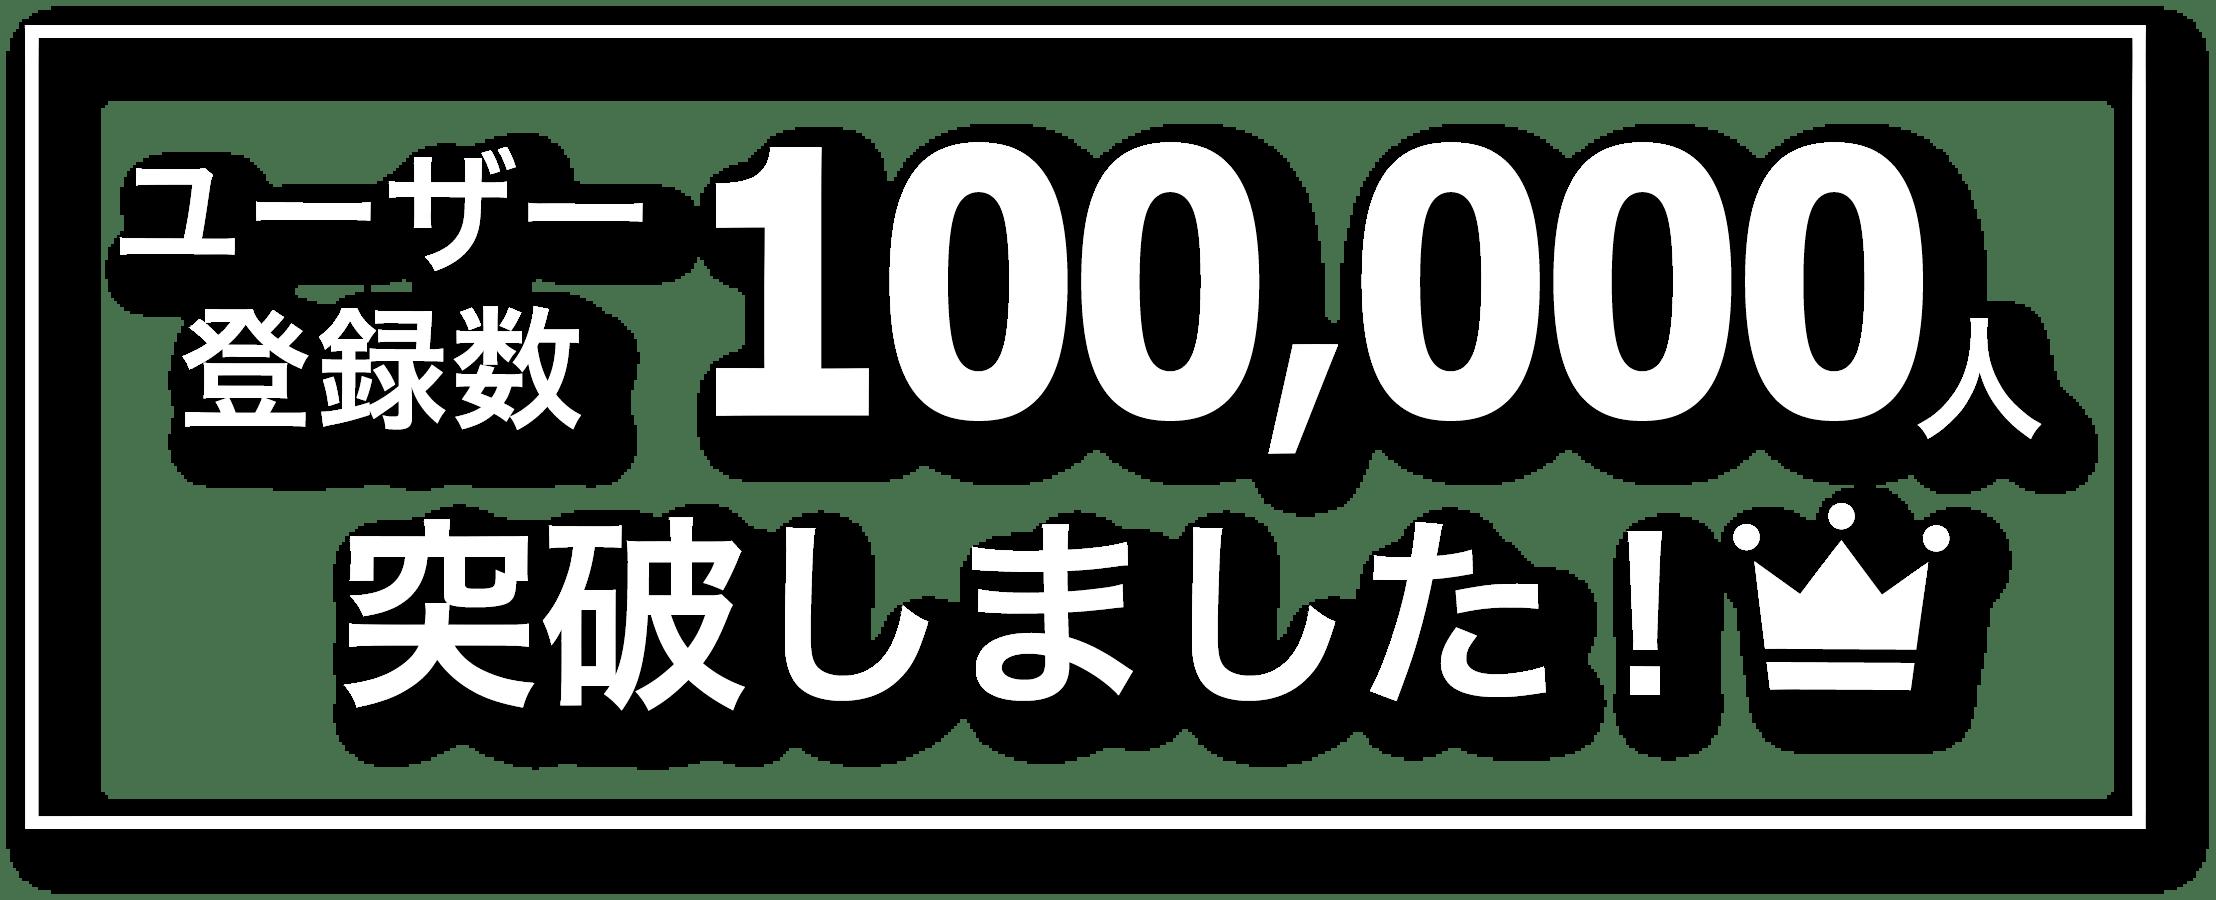 10万人突破